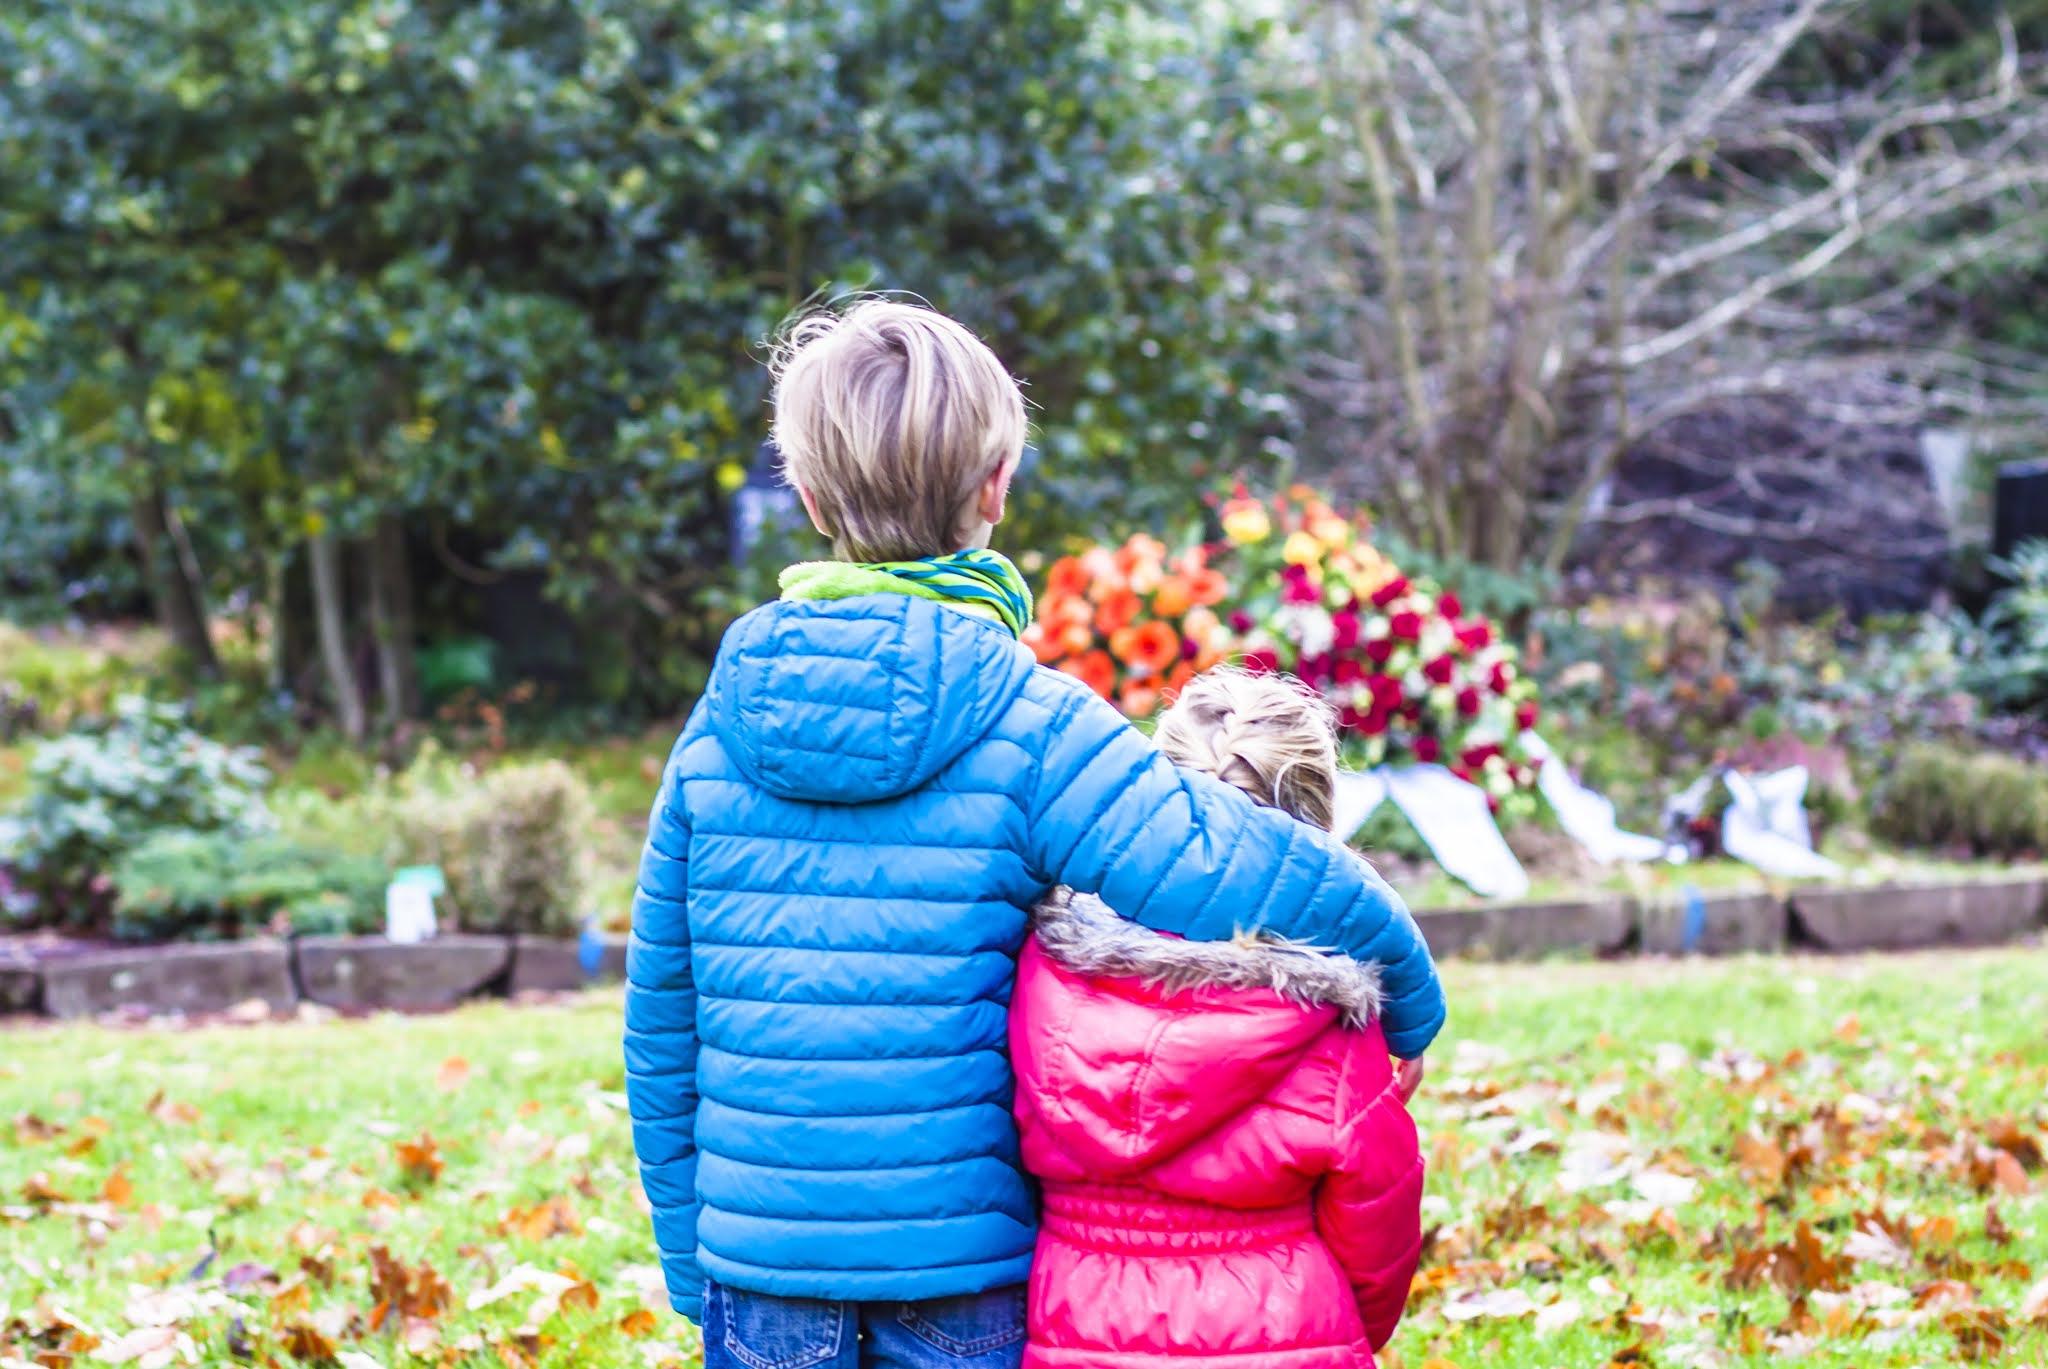 Czy dziecko powinno iść na pogrzeb?